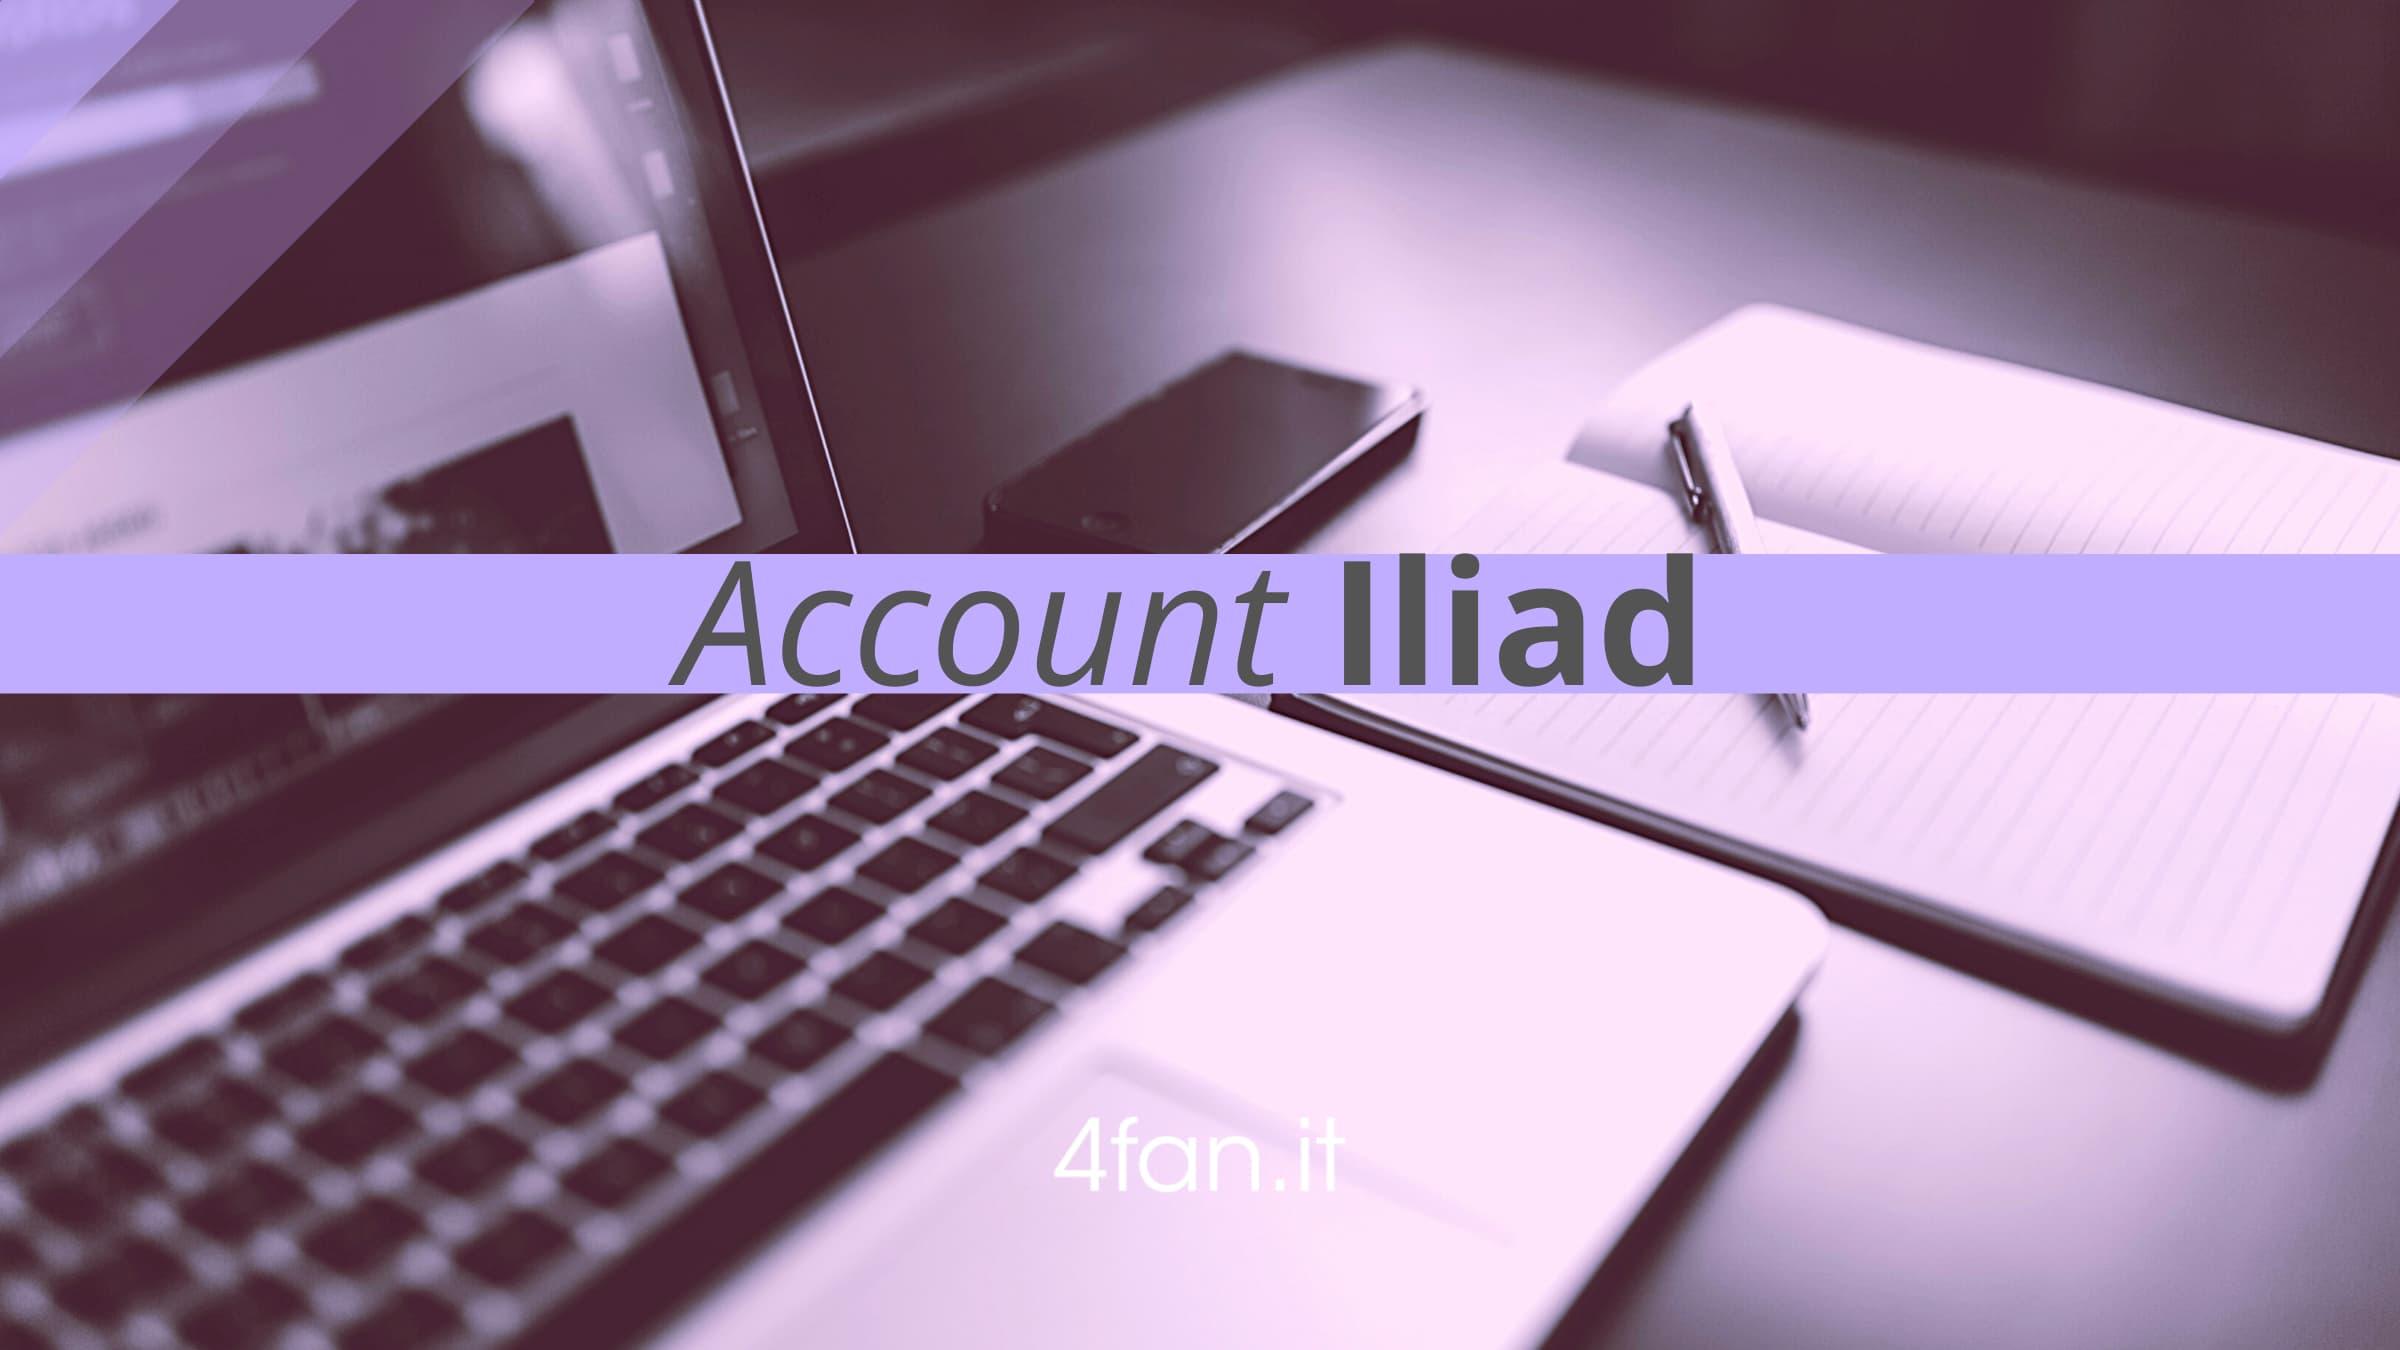 Account Iliad